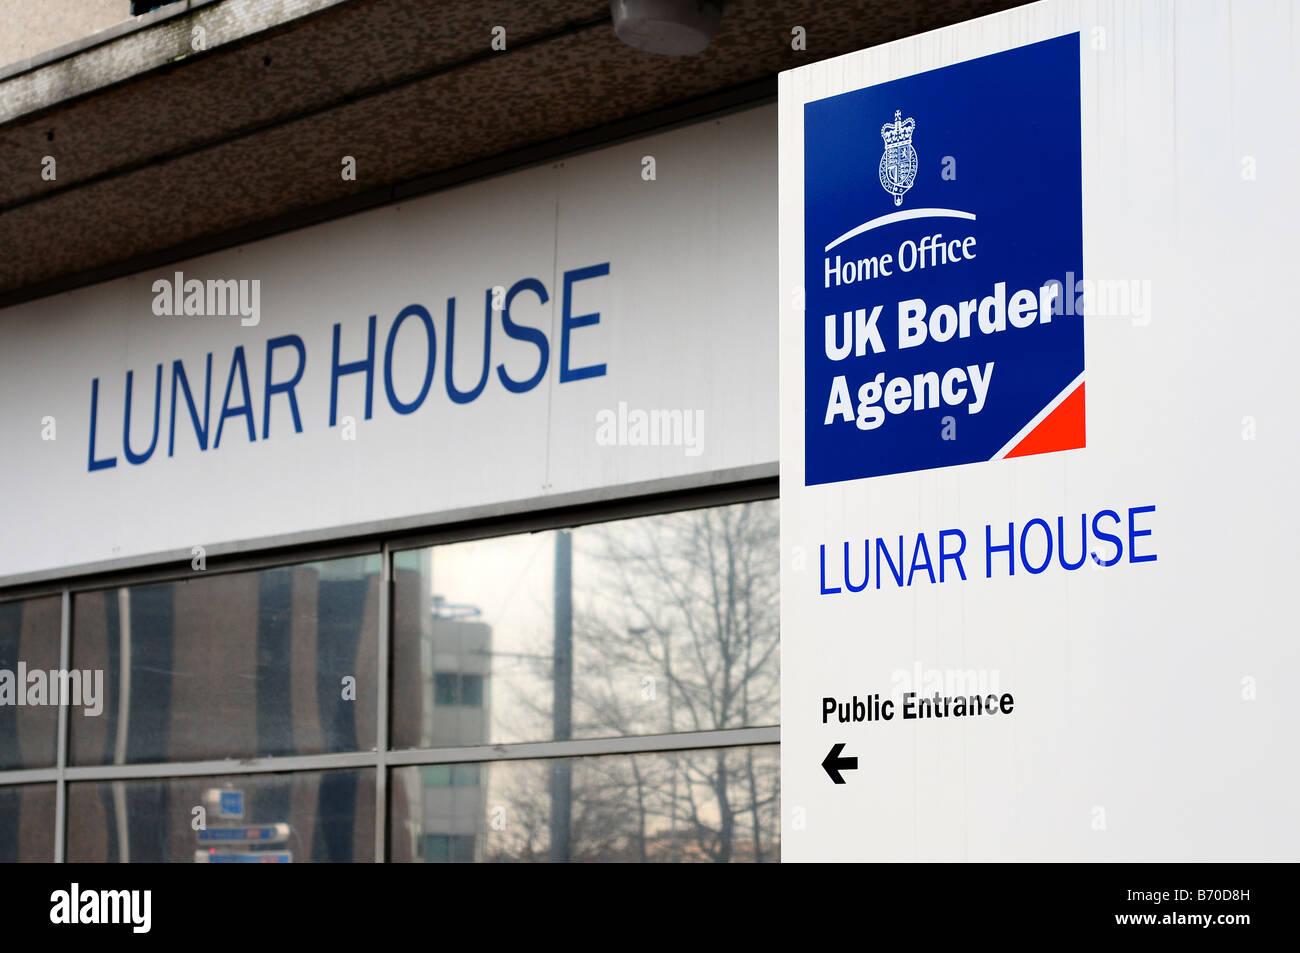 Uk Border Agency Stock Photos & Uk Border Agency Stock Images - Alamy